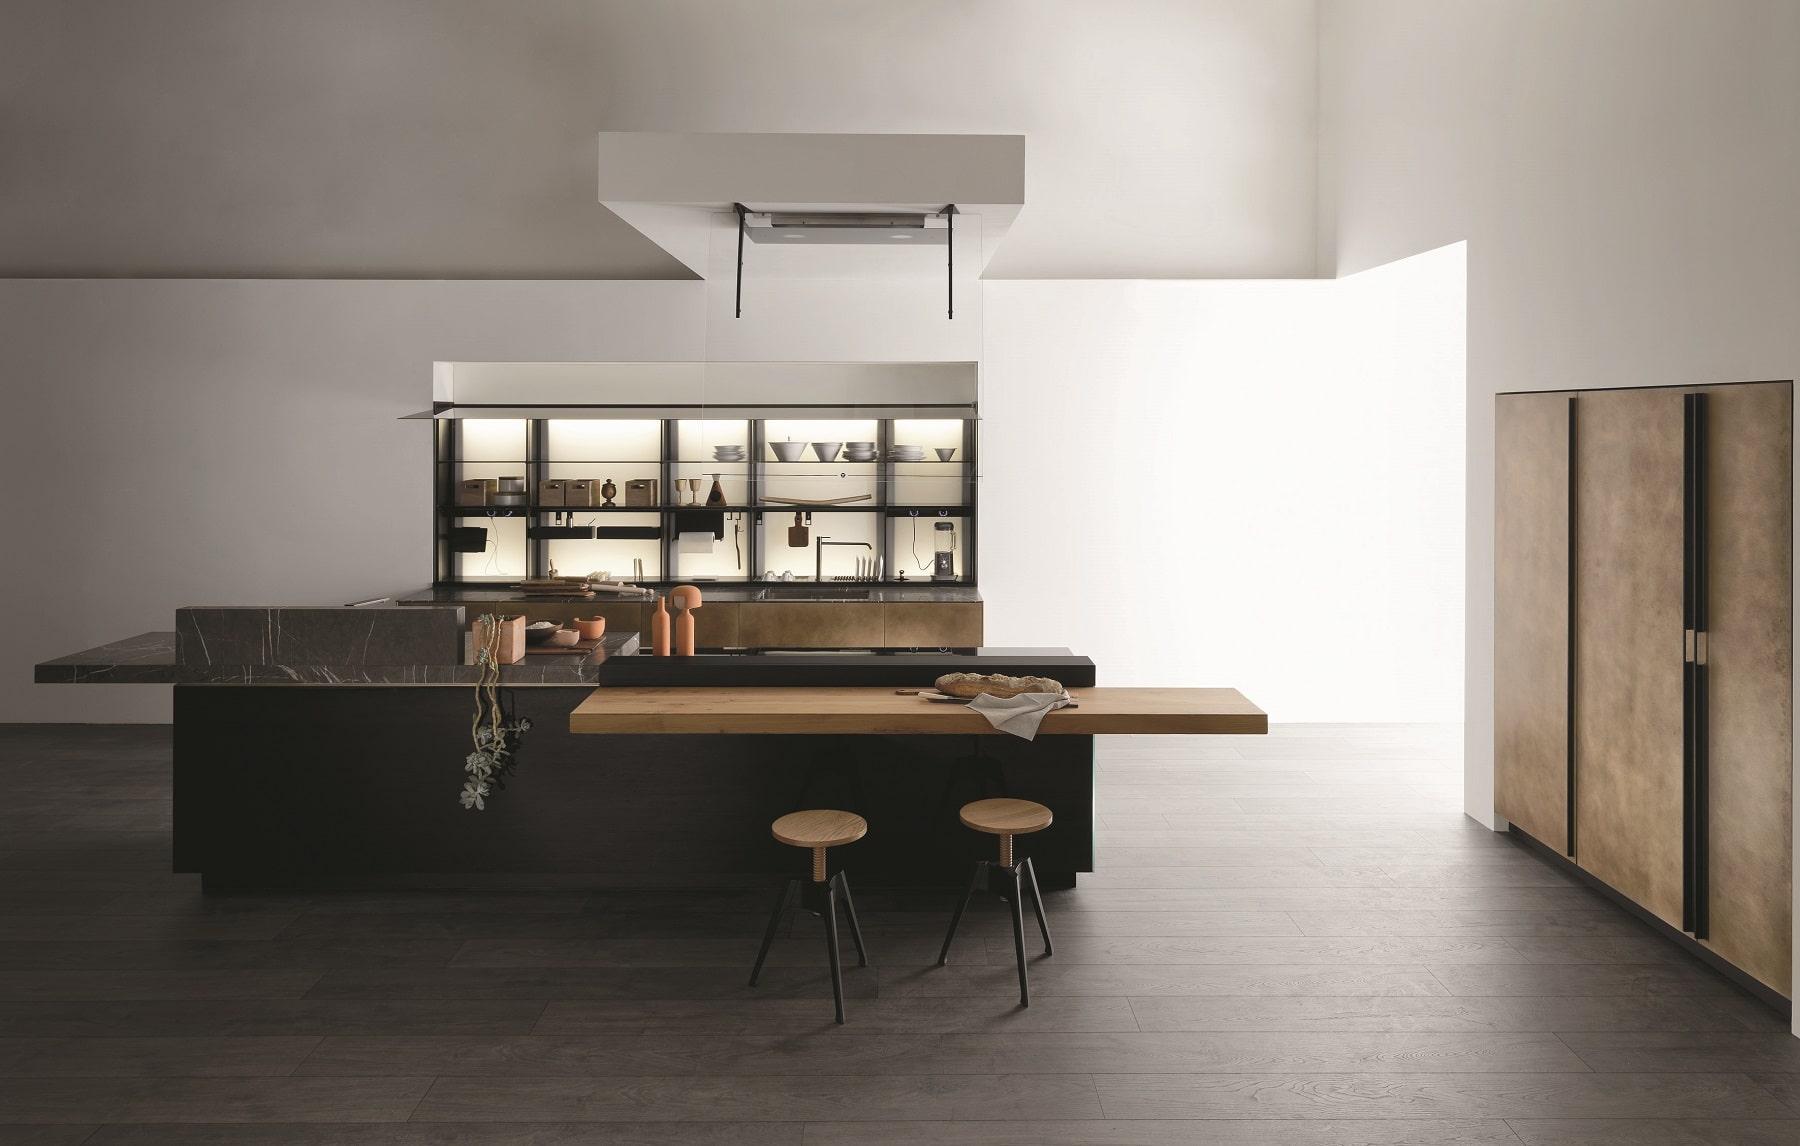 Der italienische Küchenhersteller Valcucine präsentiert auf der EuroCucina 2018 viele Neuheiten - auch für bereits bestehende Modelle. Hier die Artematica in Messing Antik-Fronten. (Foto: Valcucine)